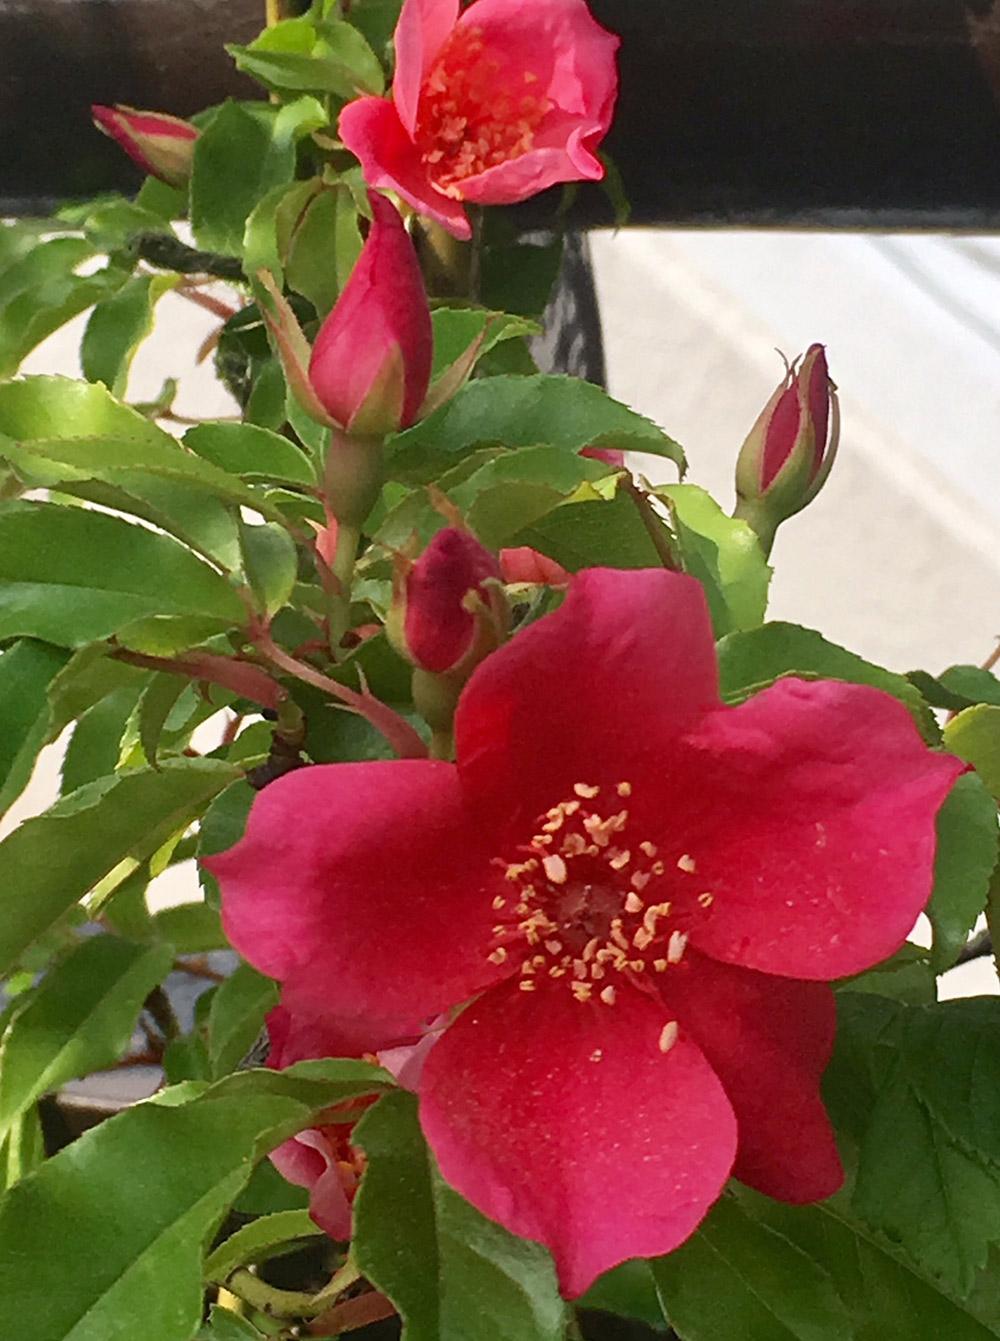 ロサ・キネンシス・スポンタネア(Rosa chinensis var. spontanea. )